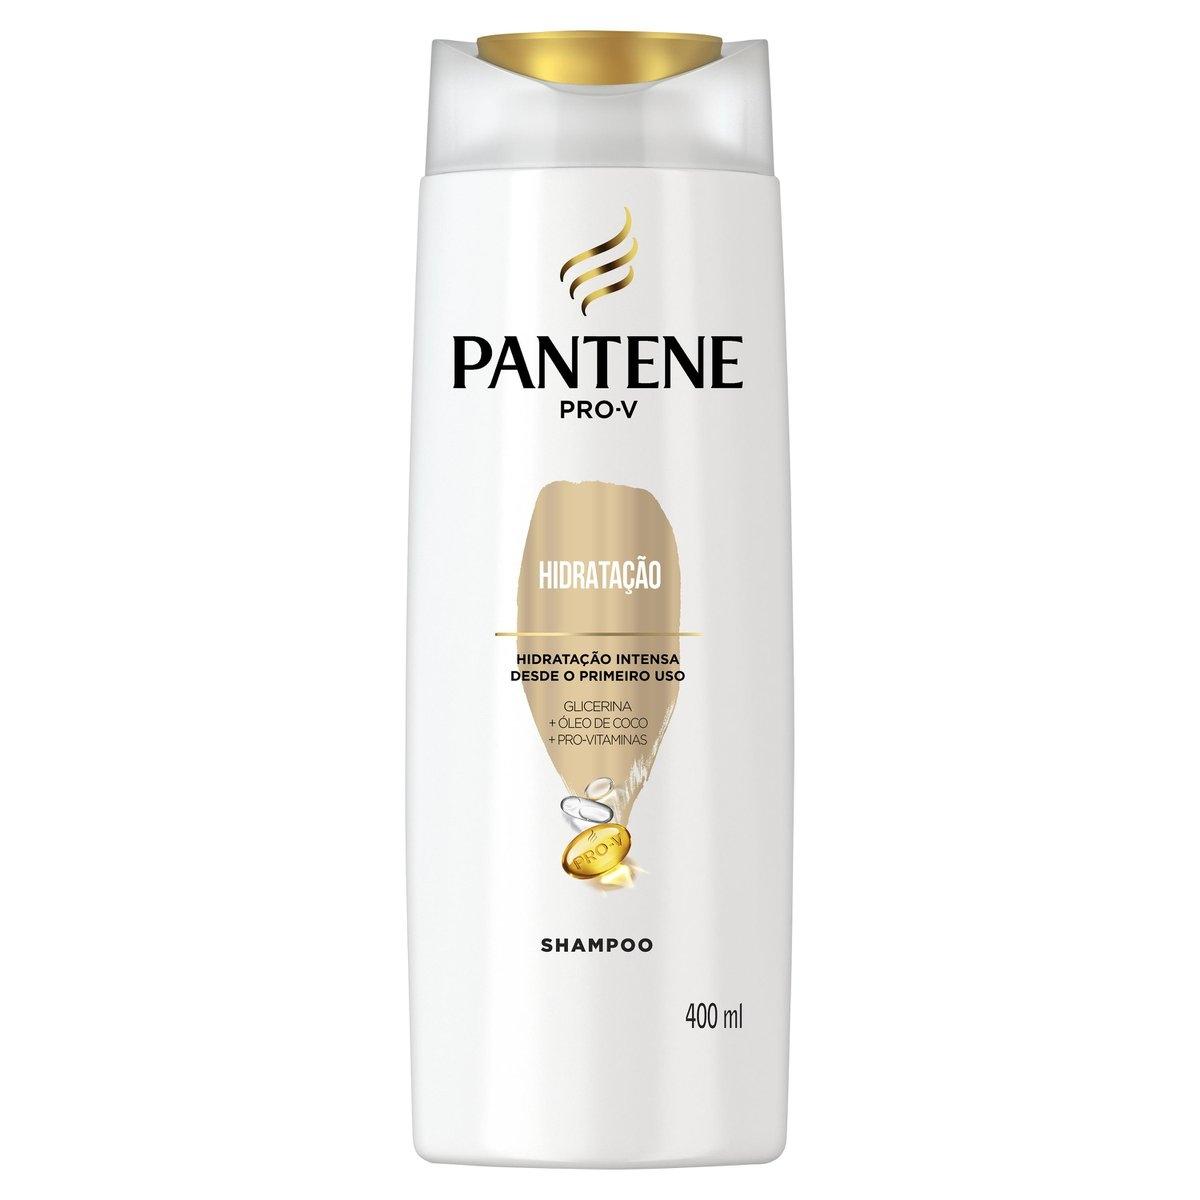 Shampoo Pantene Pro-V Hidratação com 400ml 400ml